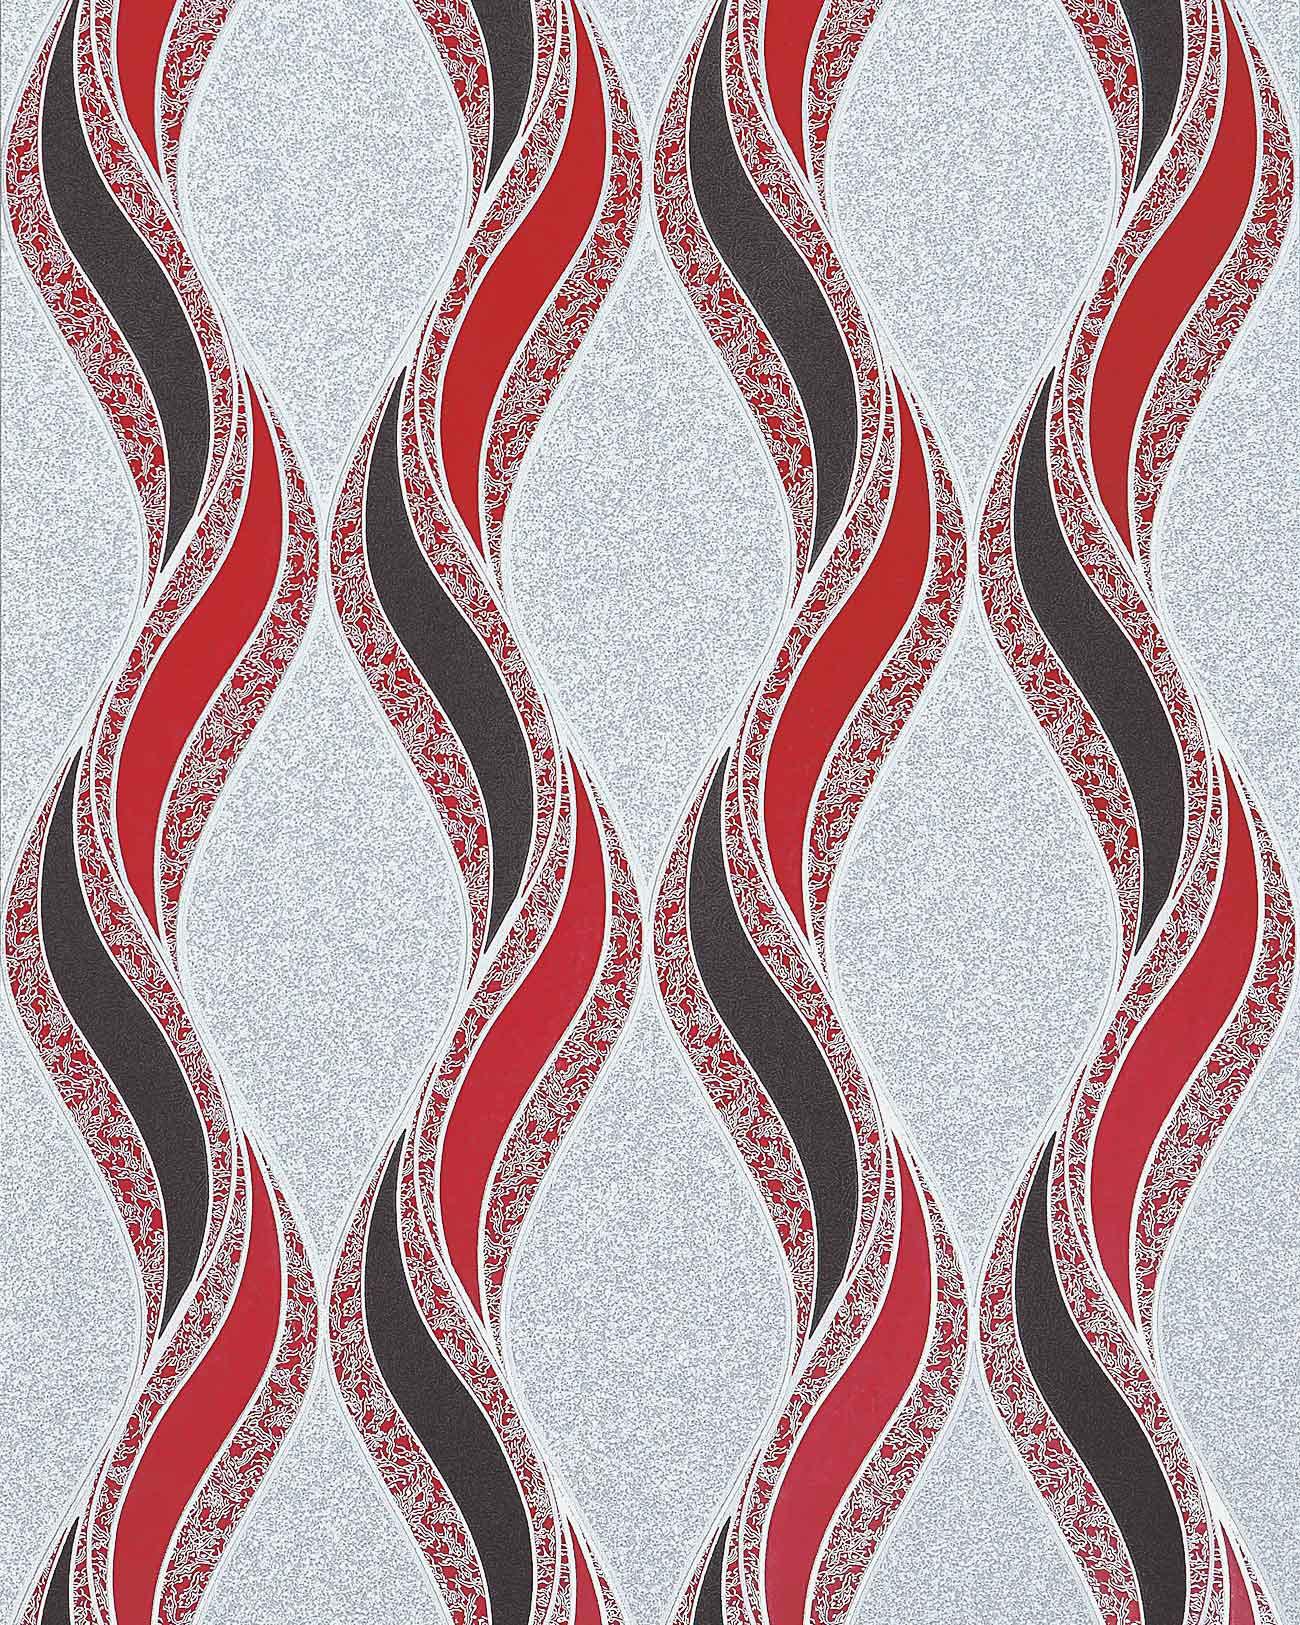 papier peint graphique edem 1025 14 aspect cr pi granit mouchet lignes ondul es et ornements. Black Bedroom Furniture Sets. Home Design Ideas